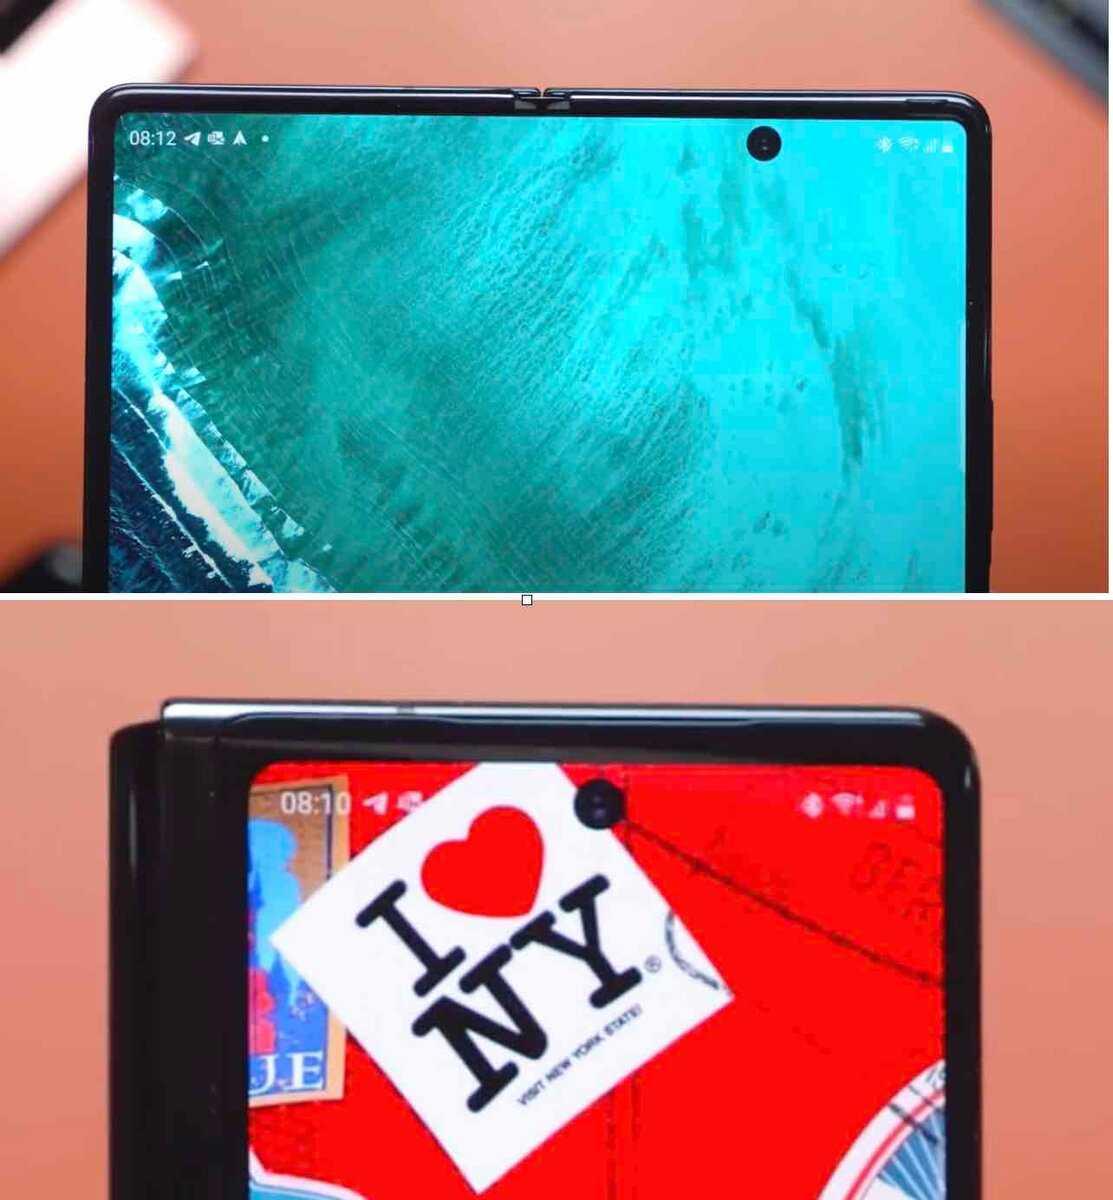 Следом за информацией о M31s компания Samsung поделилась подробностями о выходе еще одного интересного девайса серии Galaxy Z Flip 5G Речь идет о гибкой раскладушке